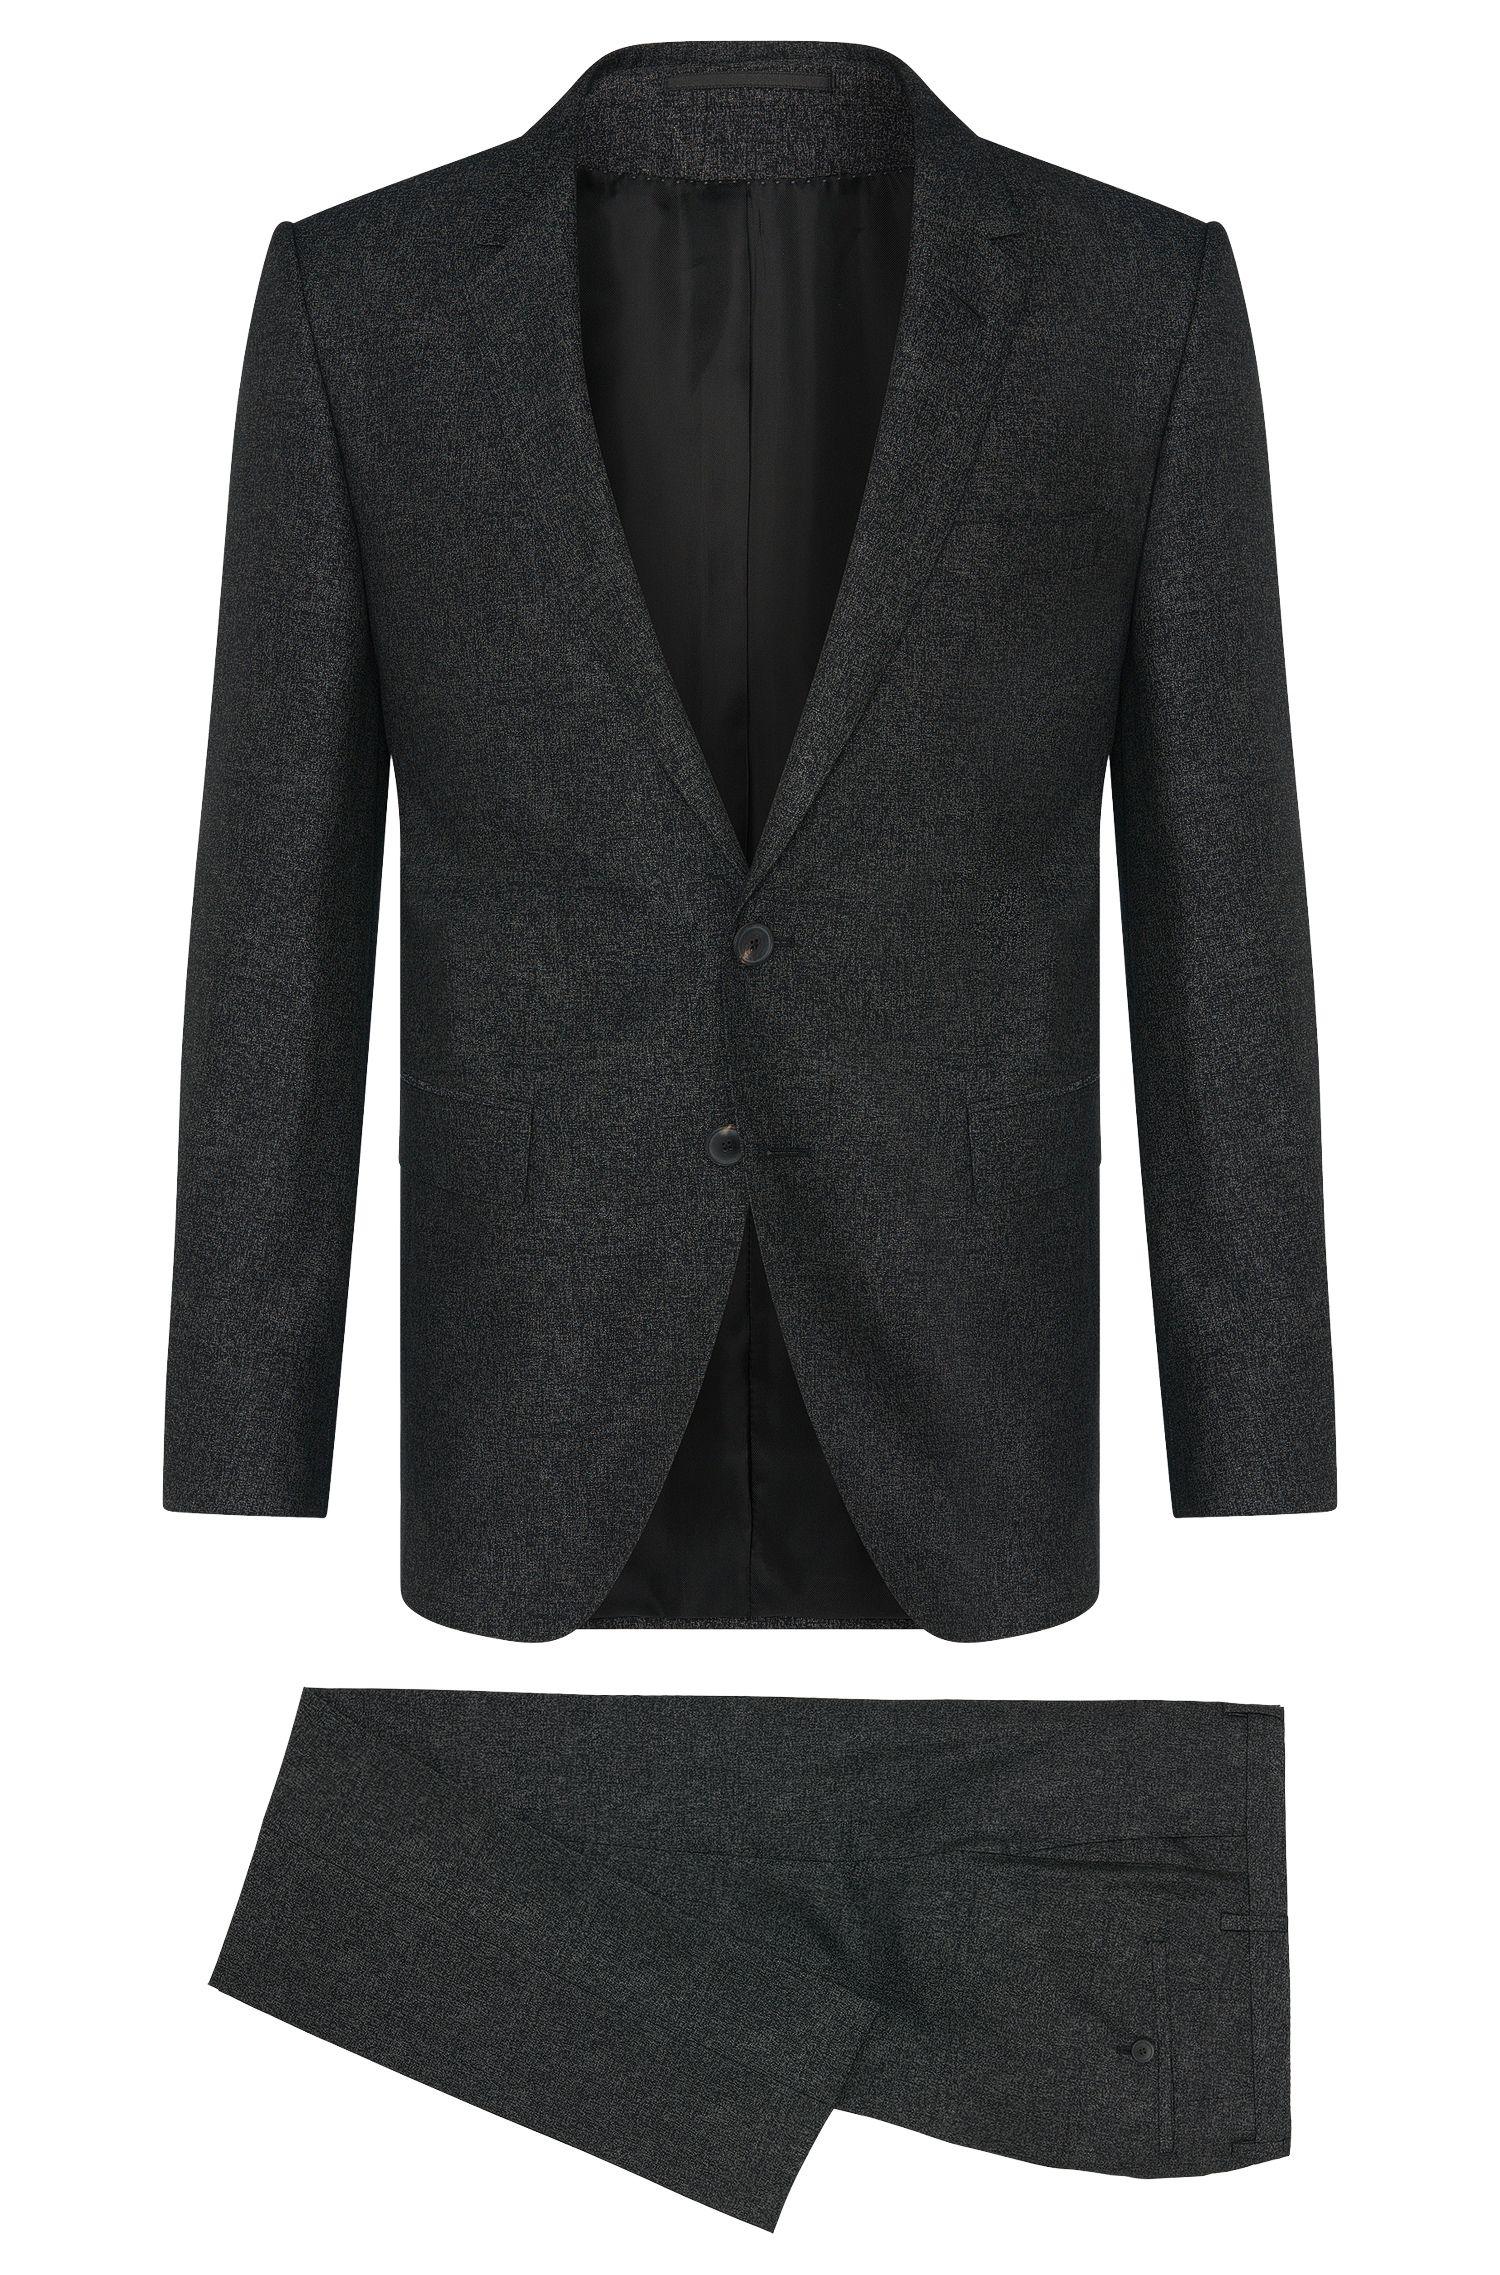 Virgin Wool-Silk Blend Suit, Extra-Slim Fit | T-Reeve/Wain